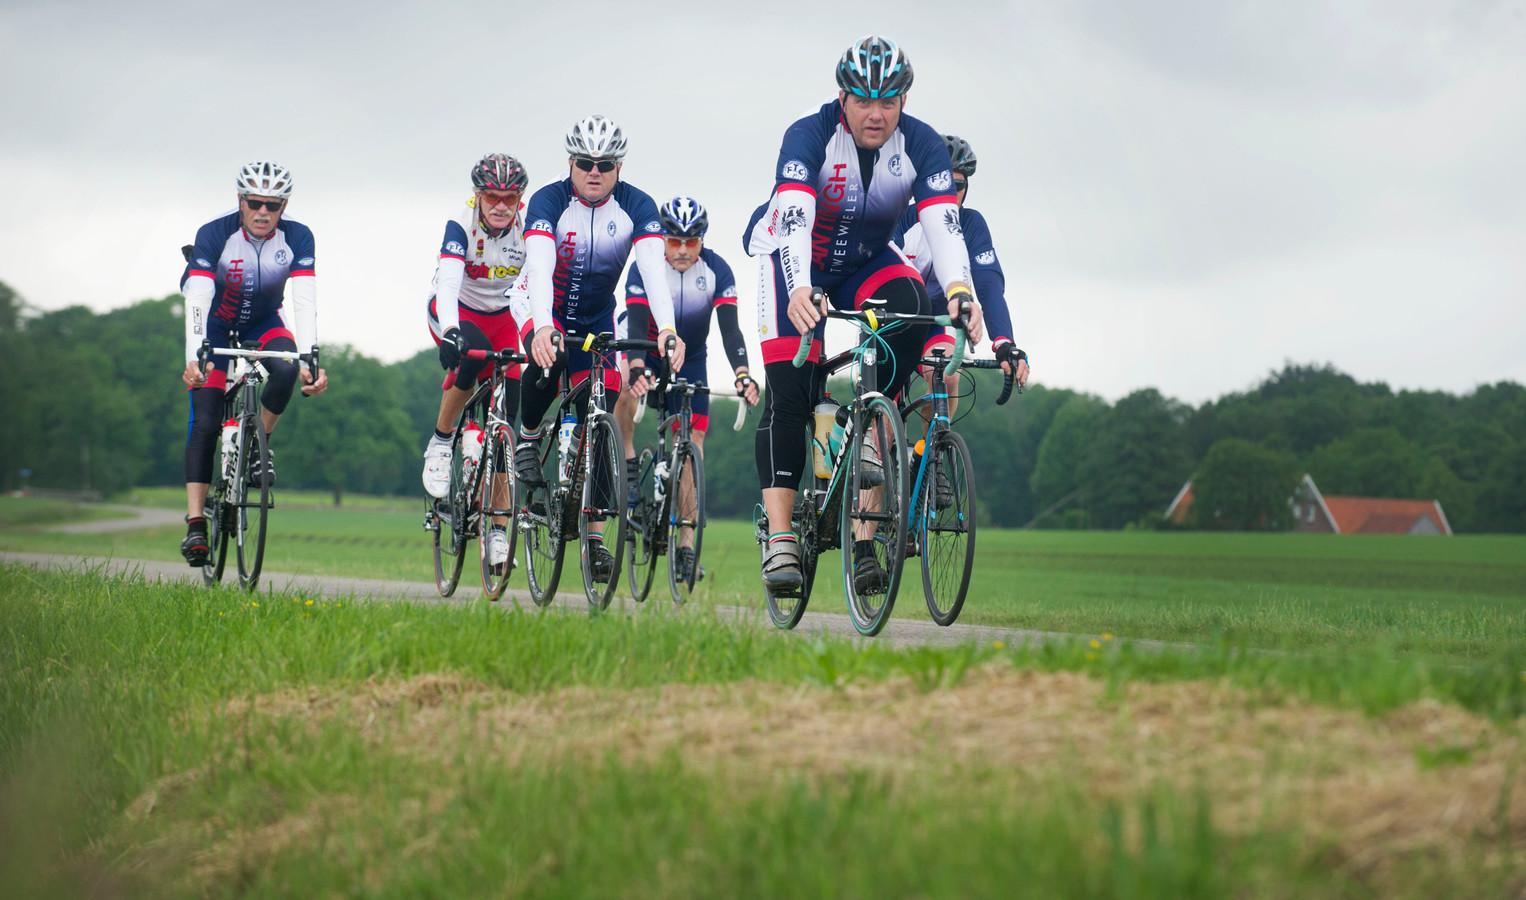 De route voert fietsers onder meer richting Ootmarsum en het Duitse grensgebied (archieffoto).